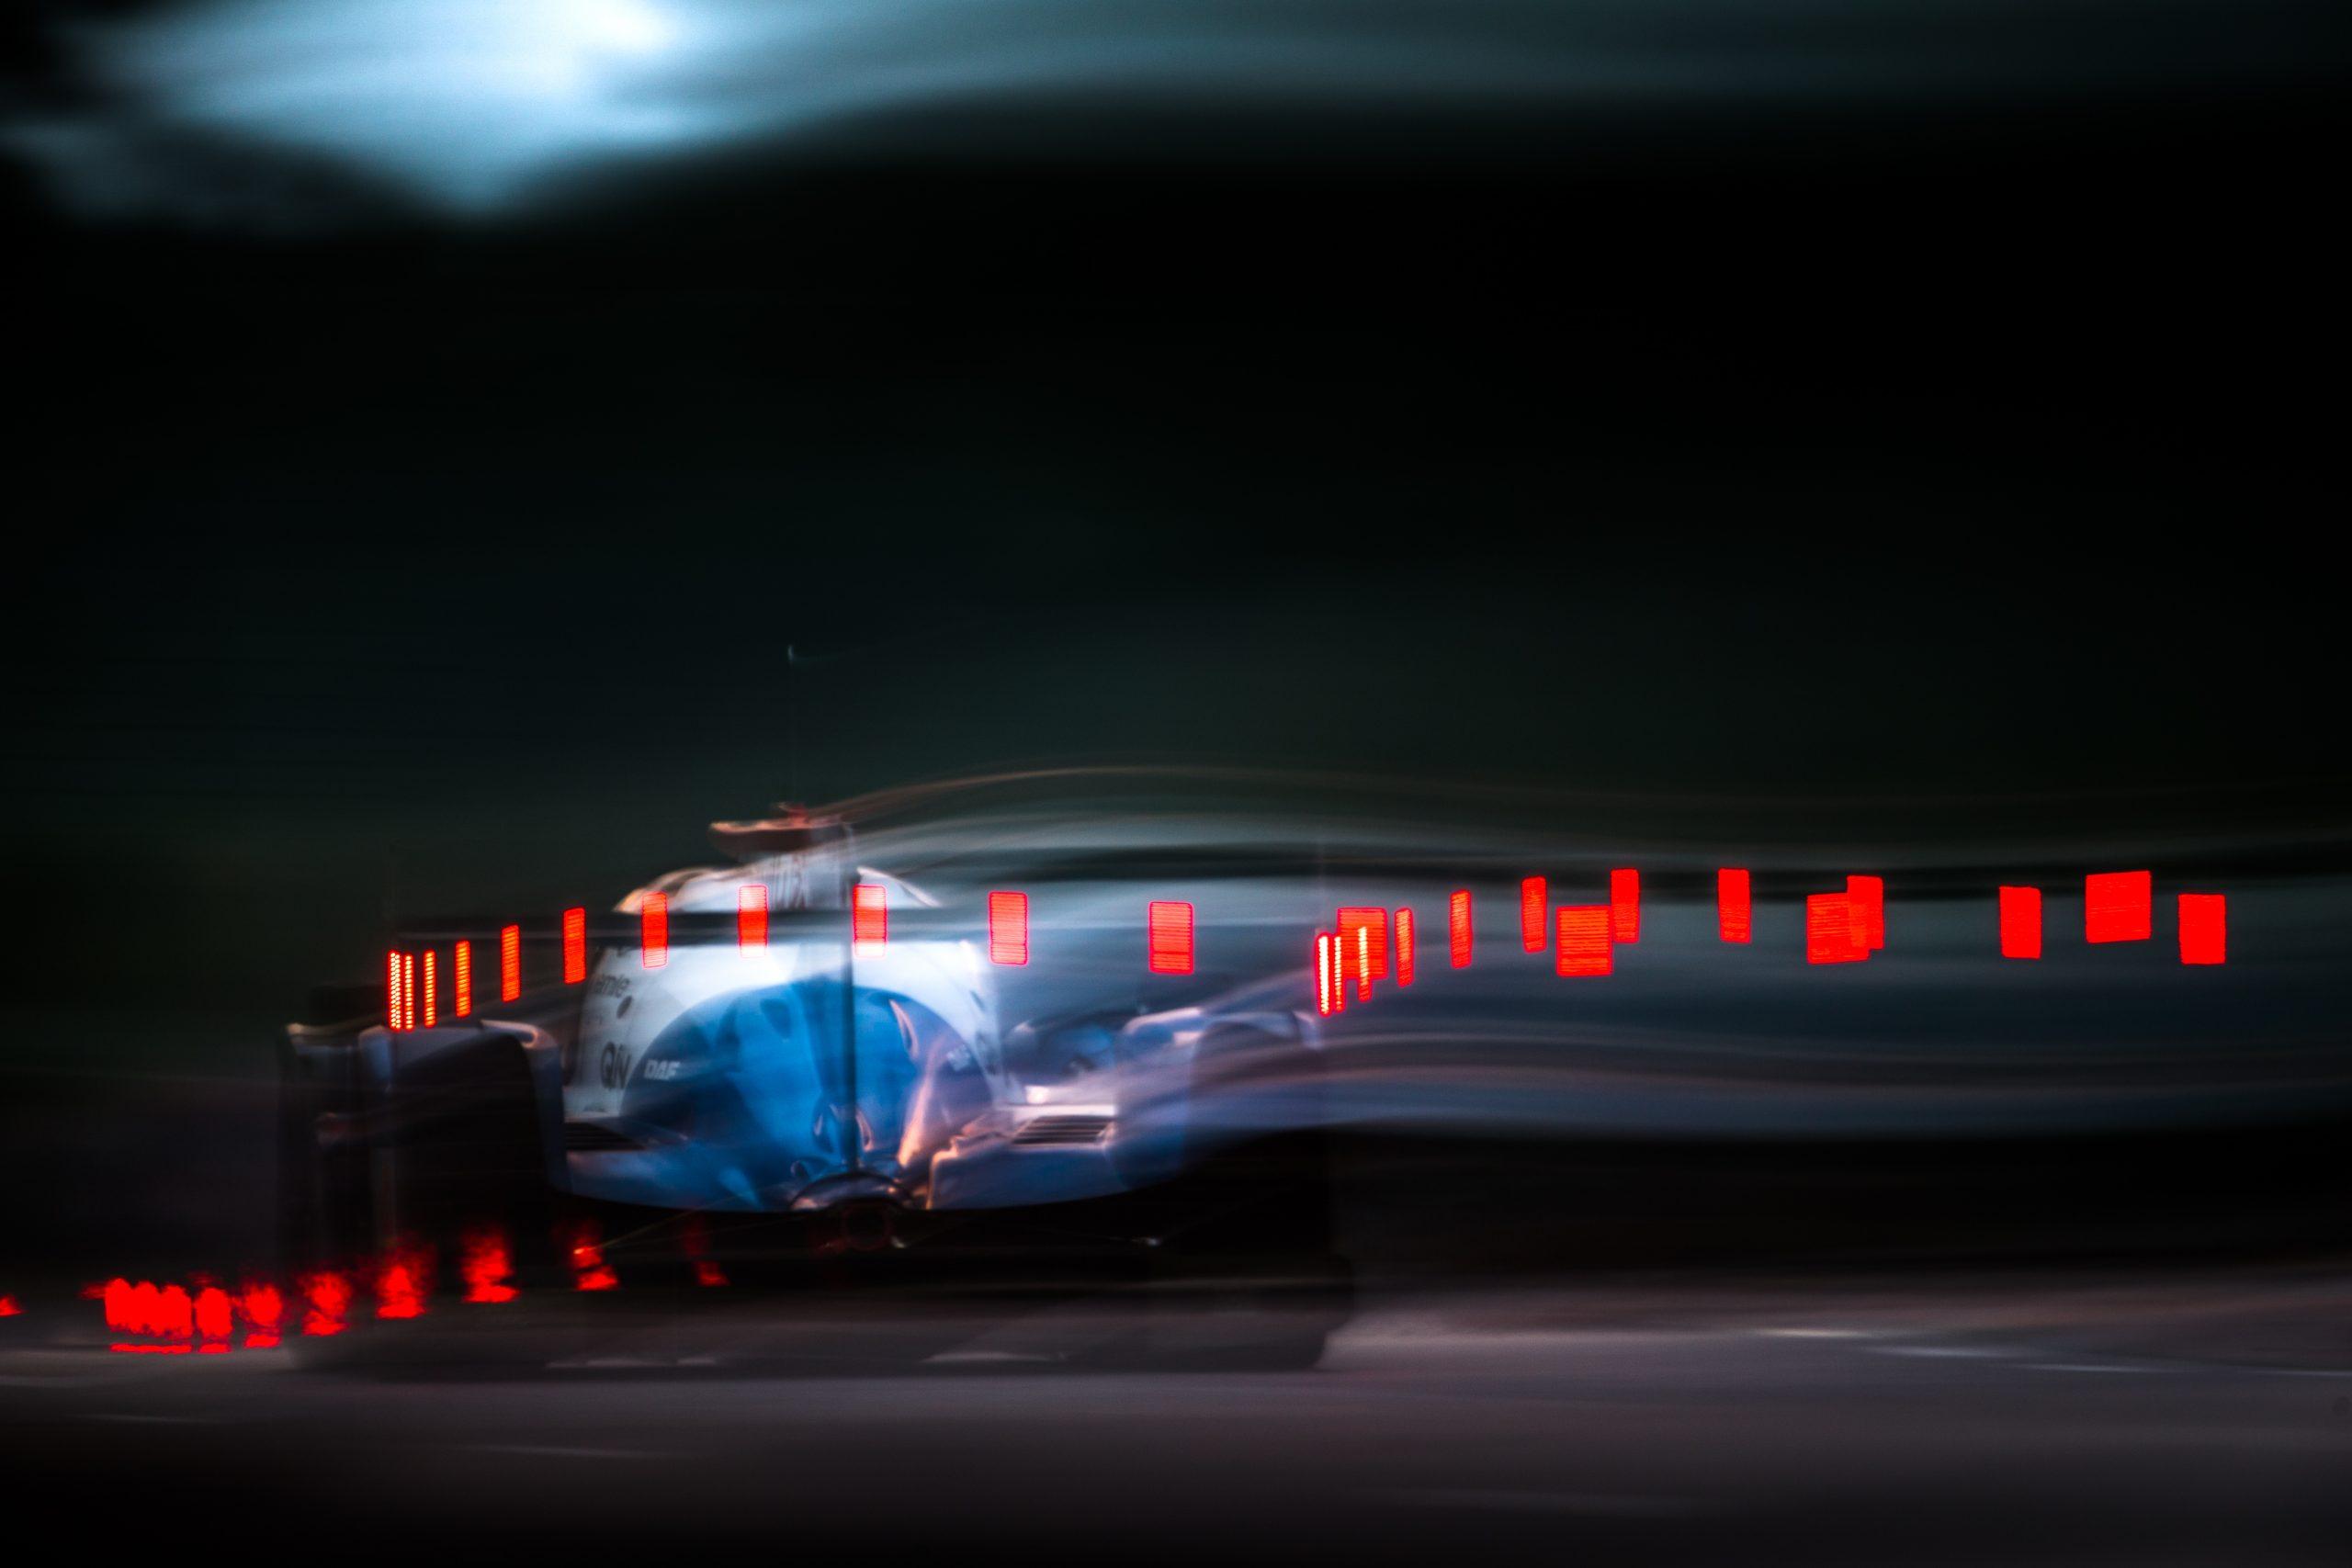 AUTO – 24 HEURES DU MANS 2019 RACE PART 1